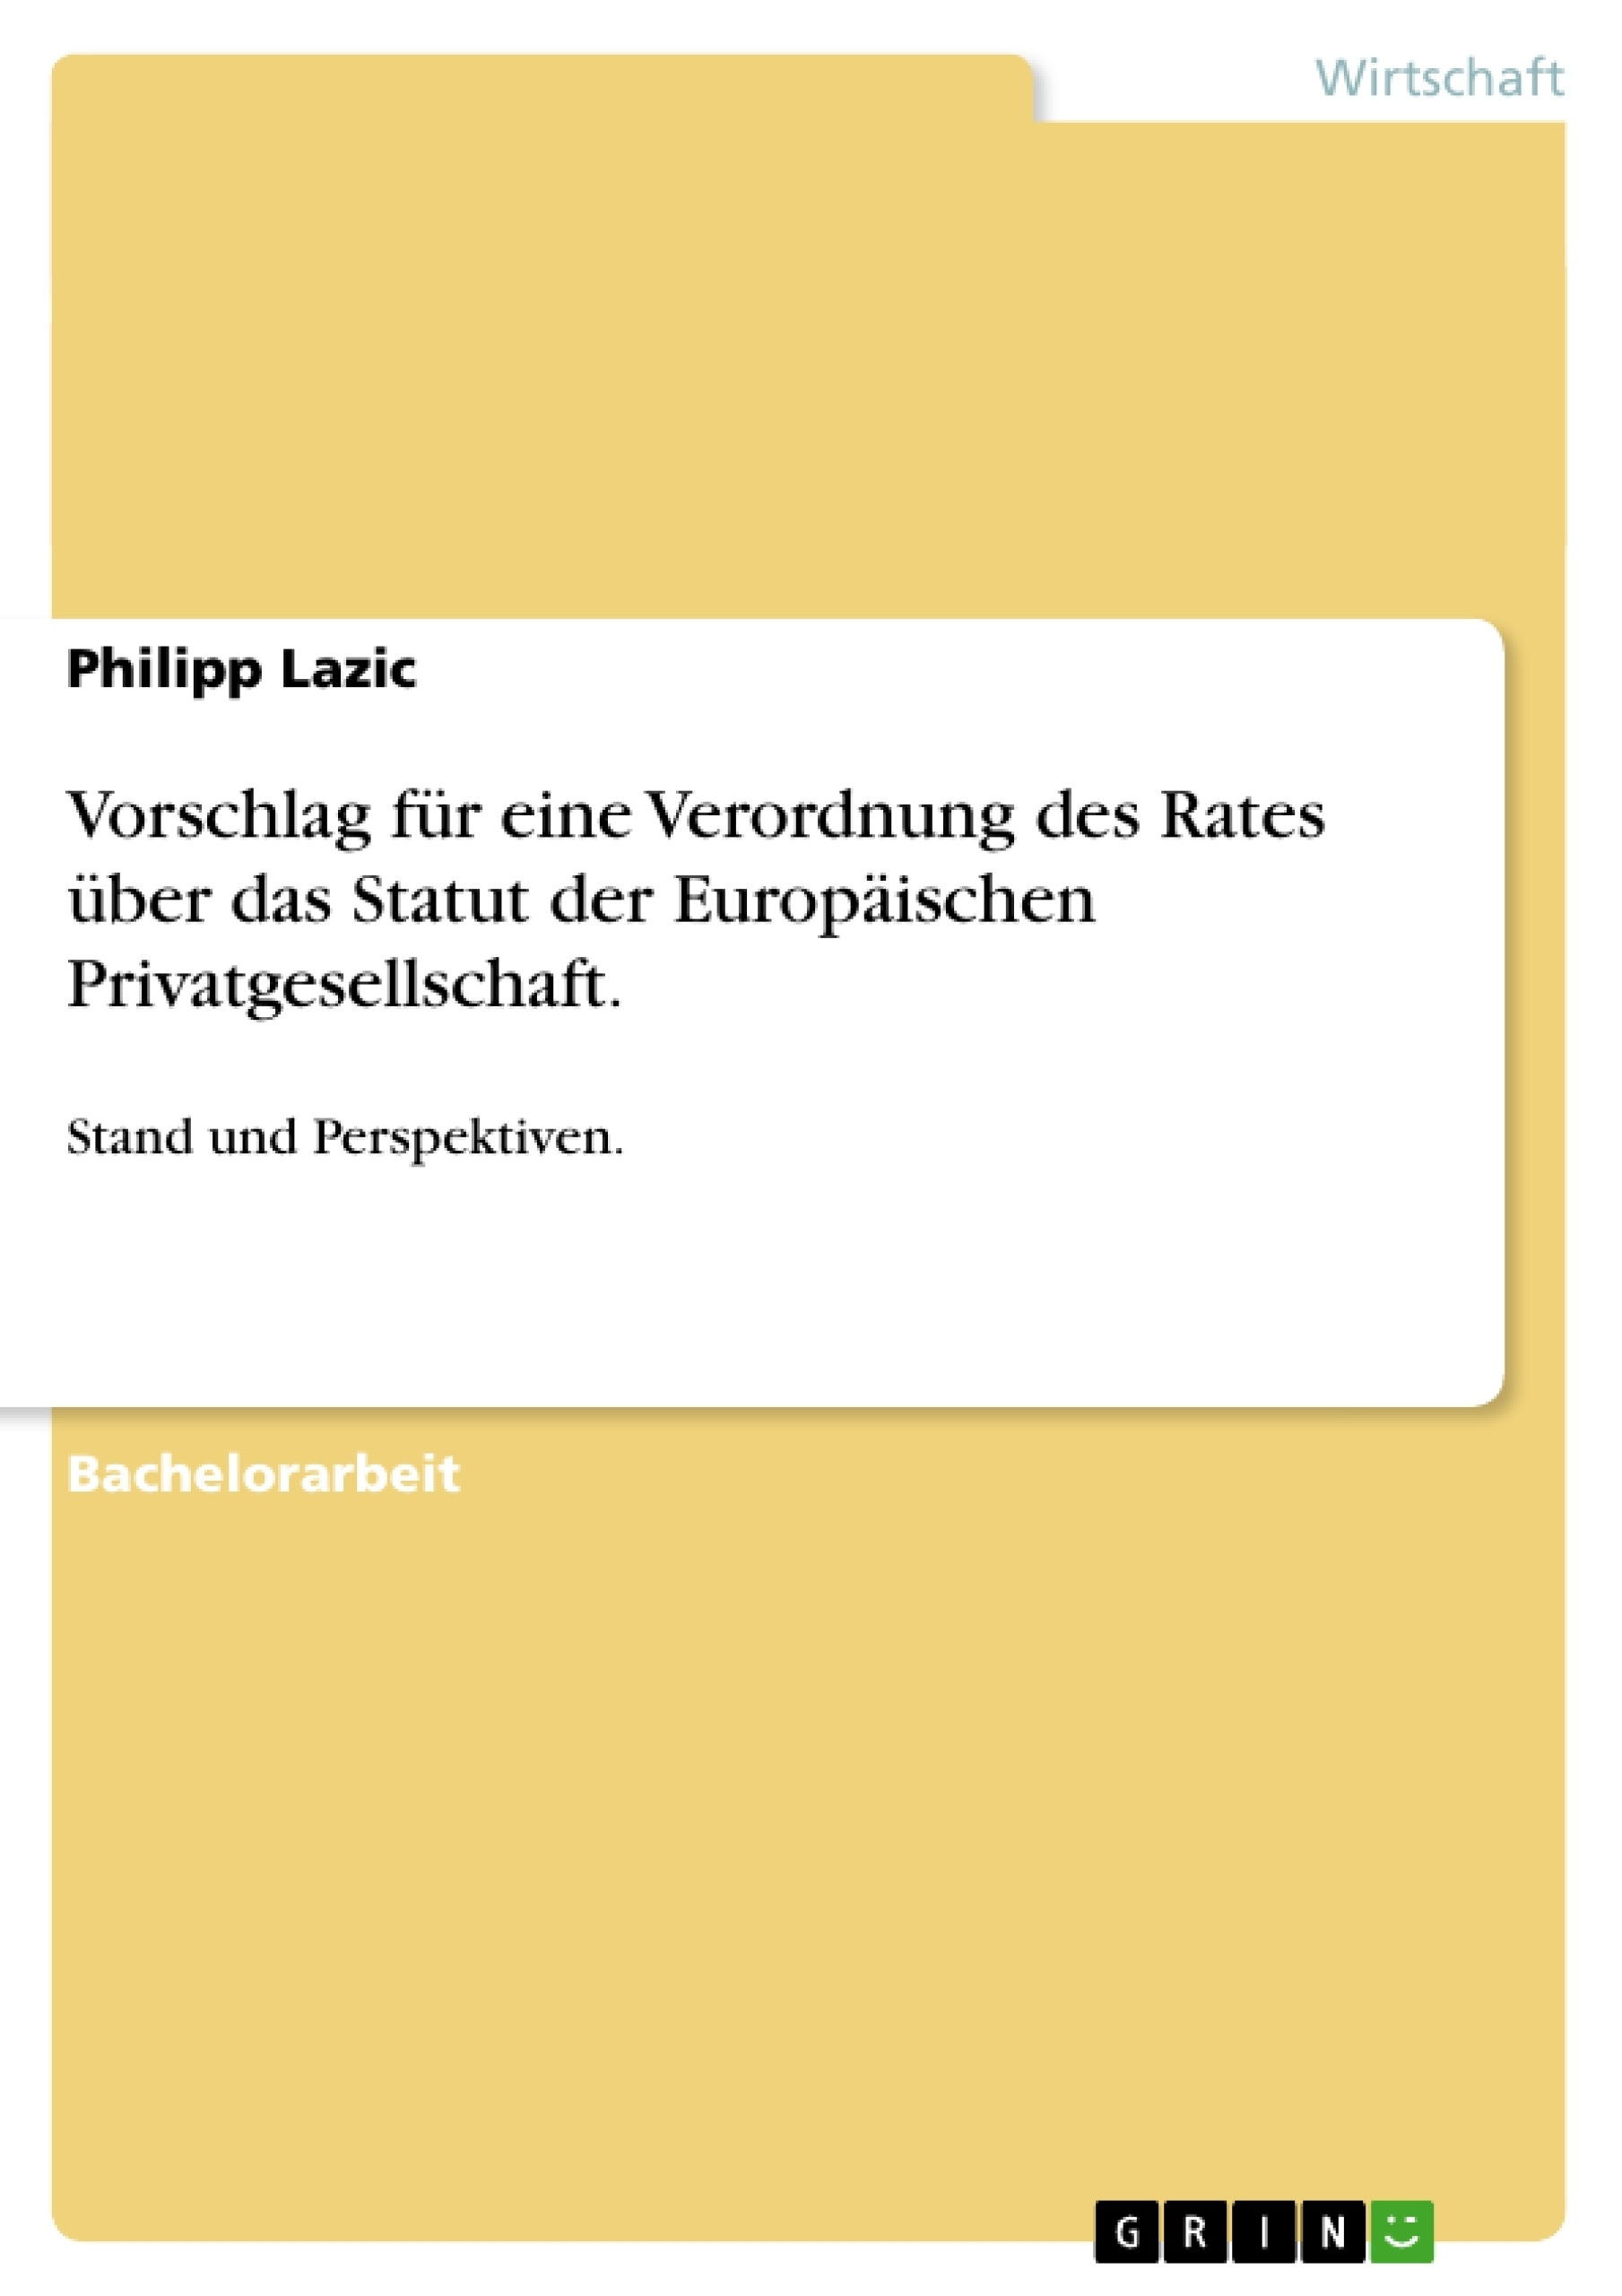 Titel: Vorschlag für eine Verordnung des Rates über das Statut der Europäischen Privatgesellschaft.